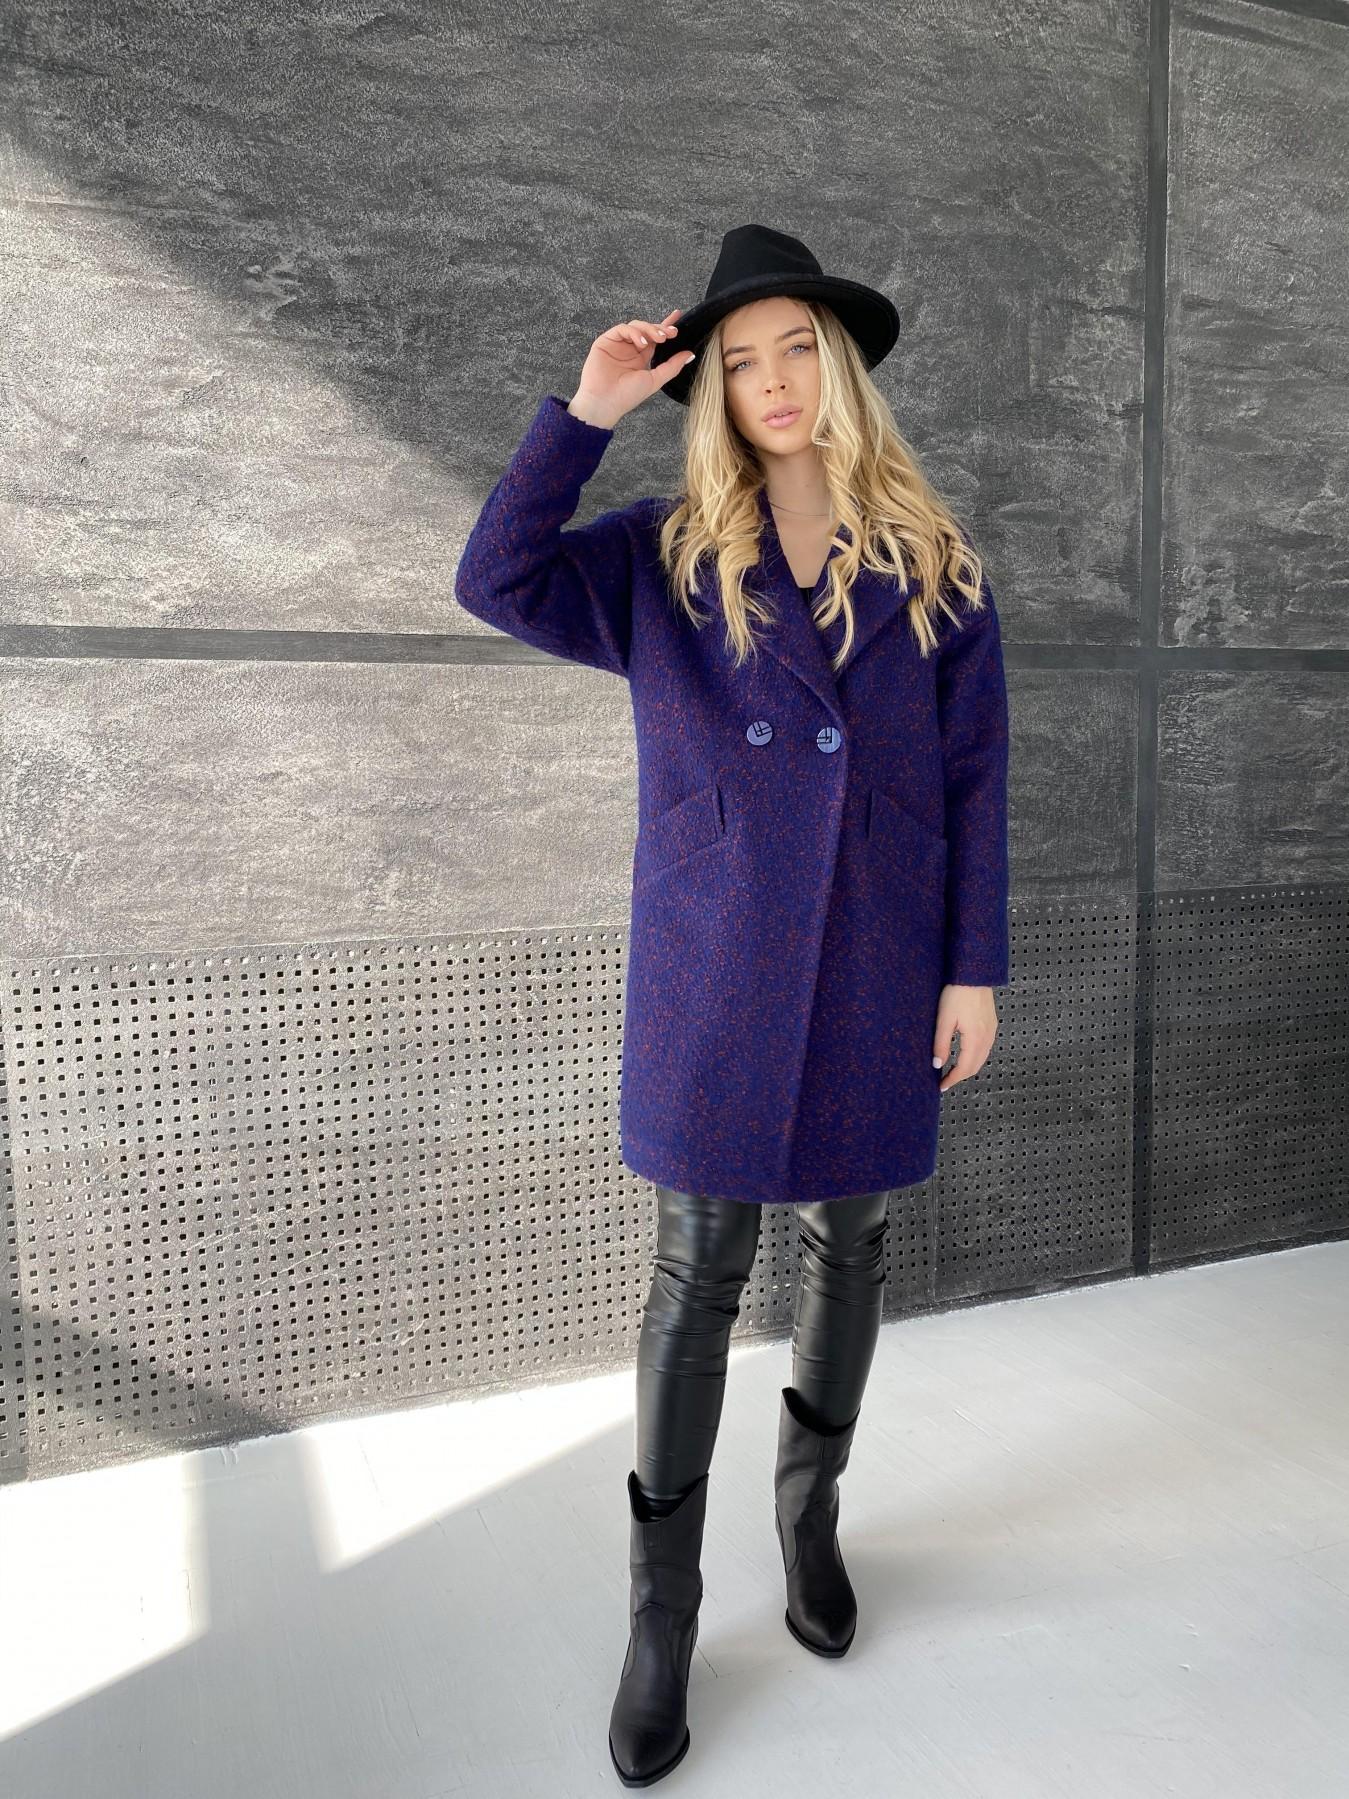 Сенсей пальто из шерсти букле 10780 АРТ. 47237 Цвет: Т.синий марсала 43 - фото 2, интернет магазин tm-modus.ru